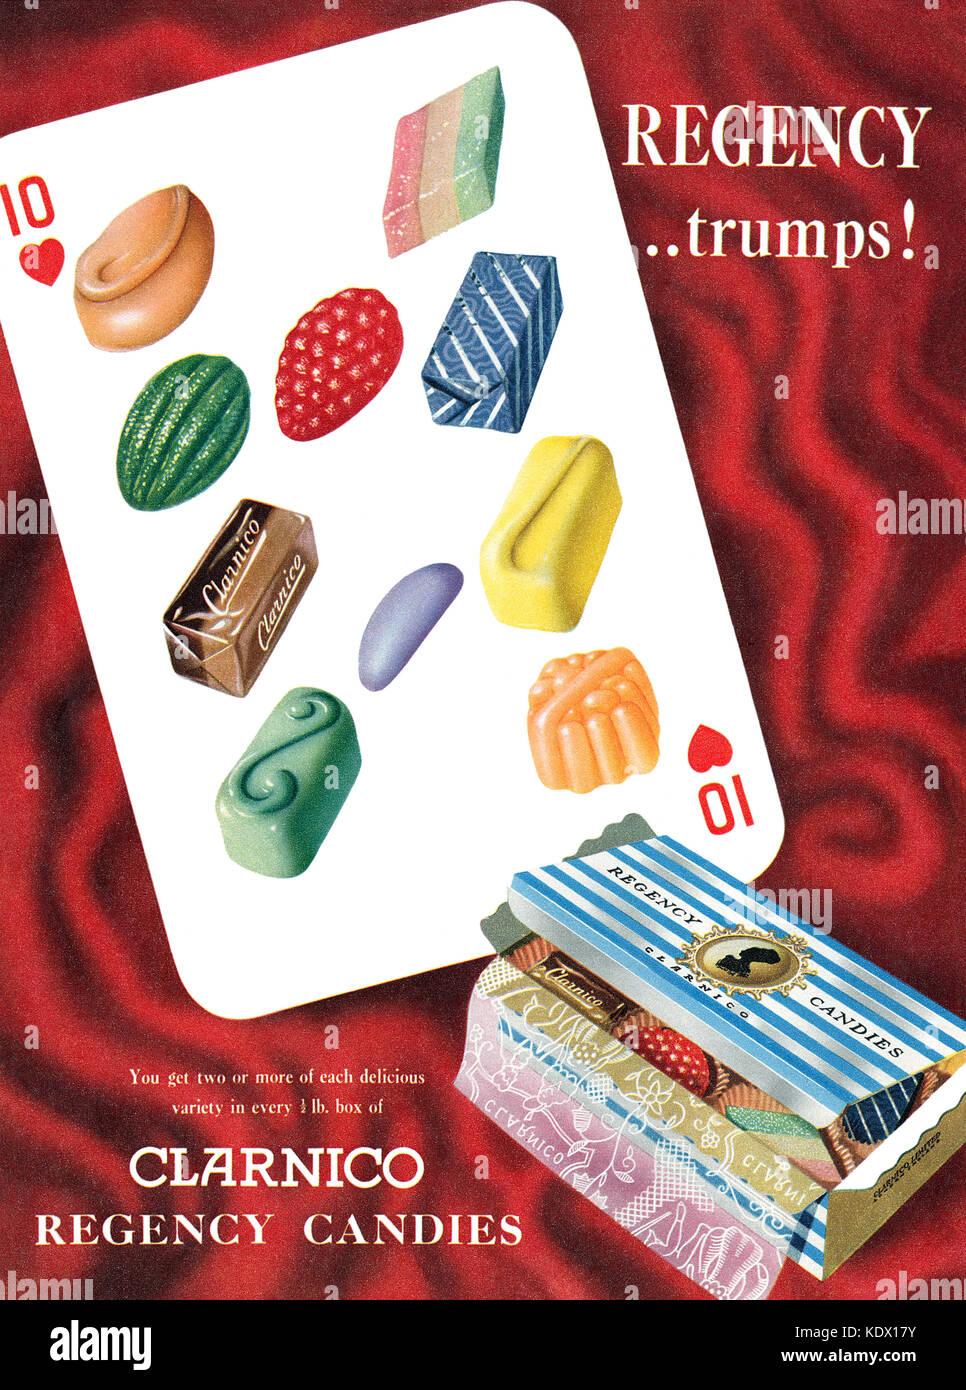 1955 anuncio británico para Clarnico Regency caramelos. Imagen De Stock